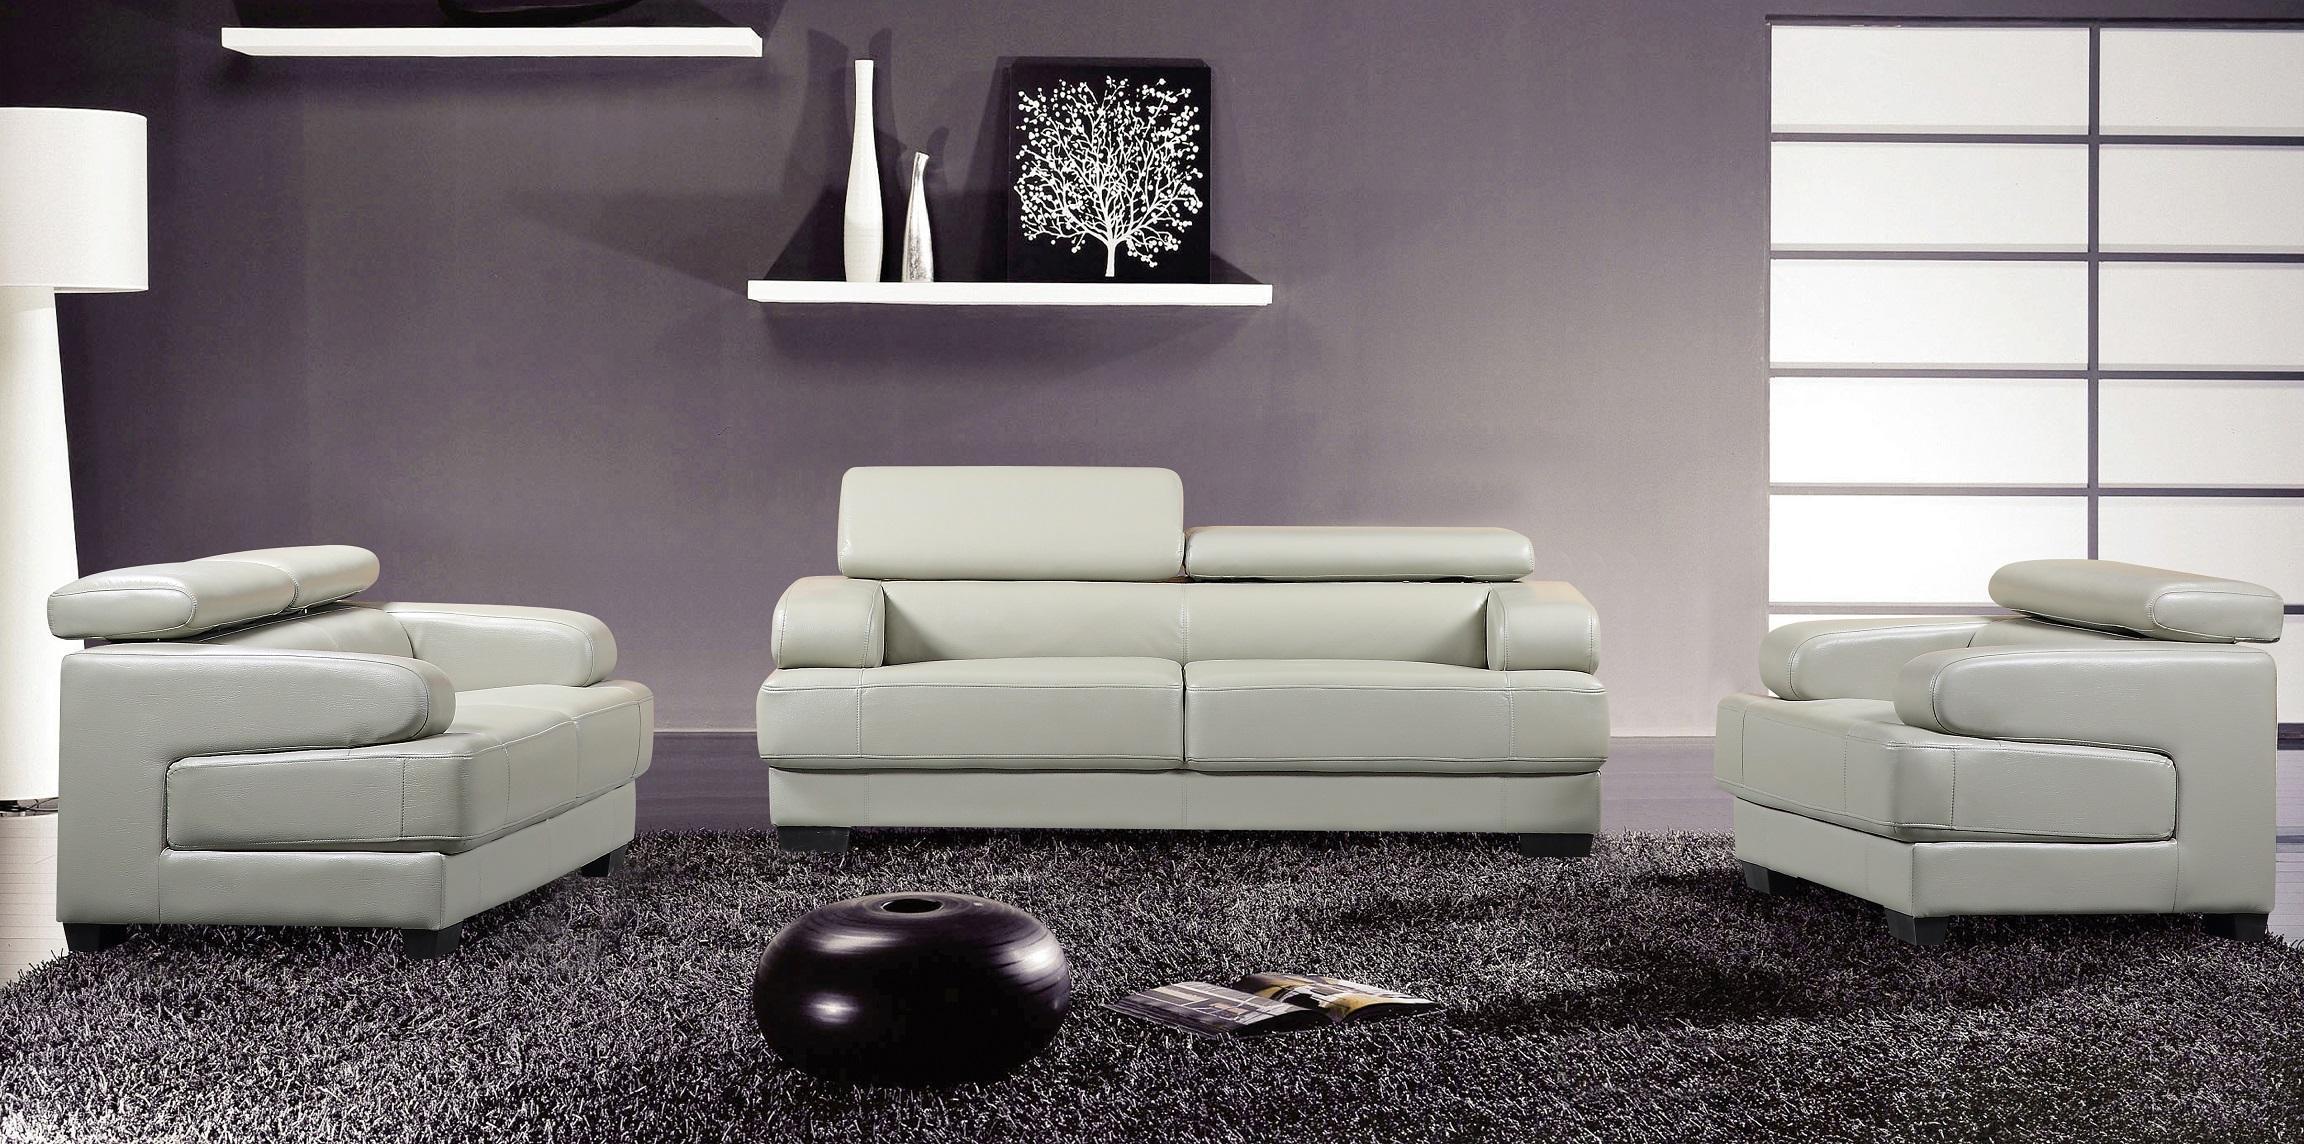 2810 mega furniture imports ltd. Black Bedroom Furniture Sets. Home Design Ideas